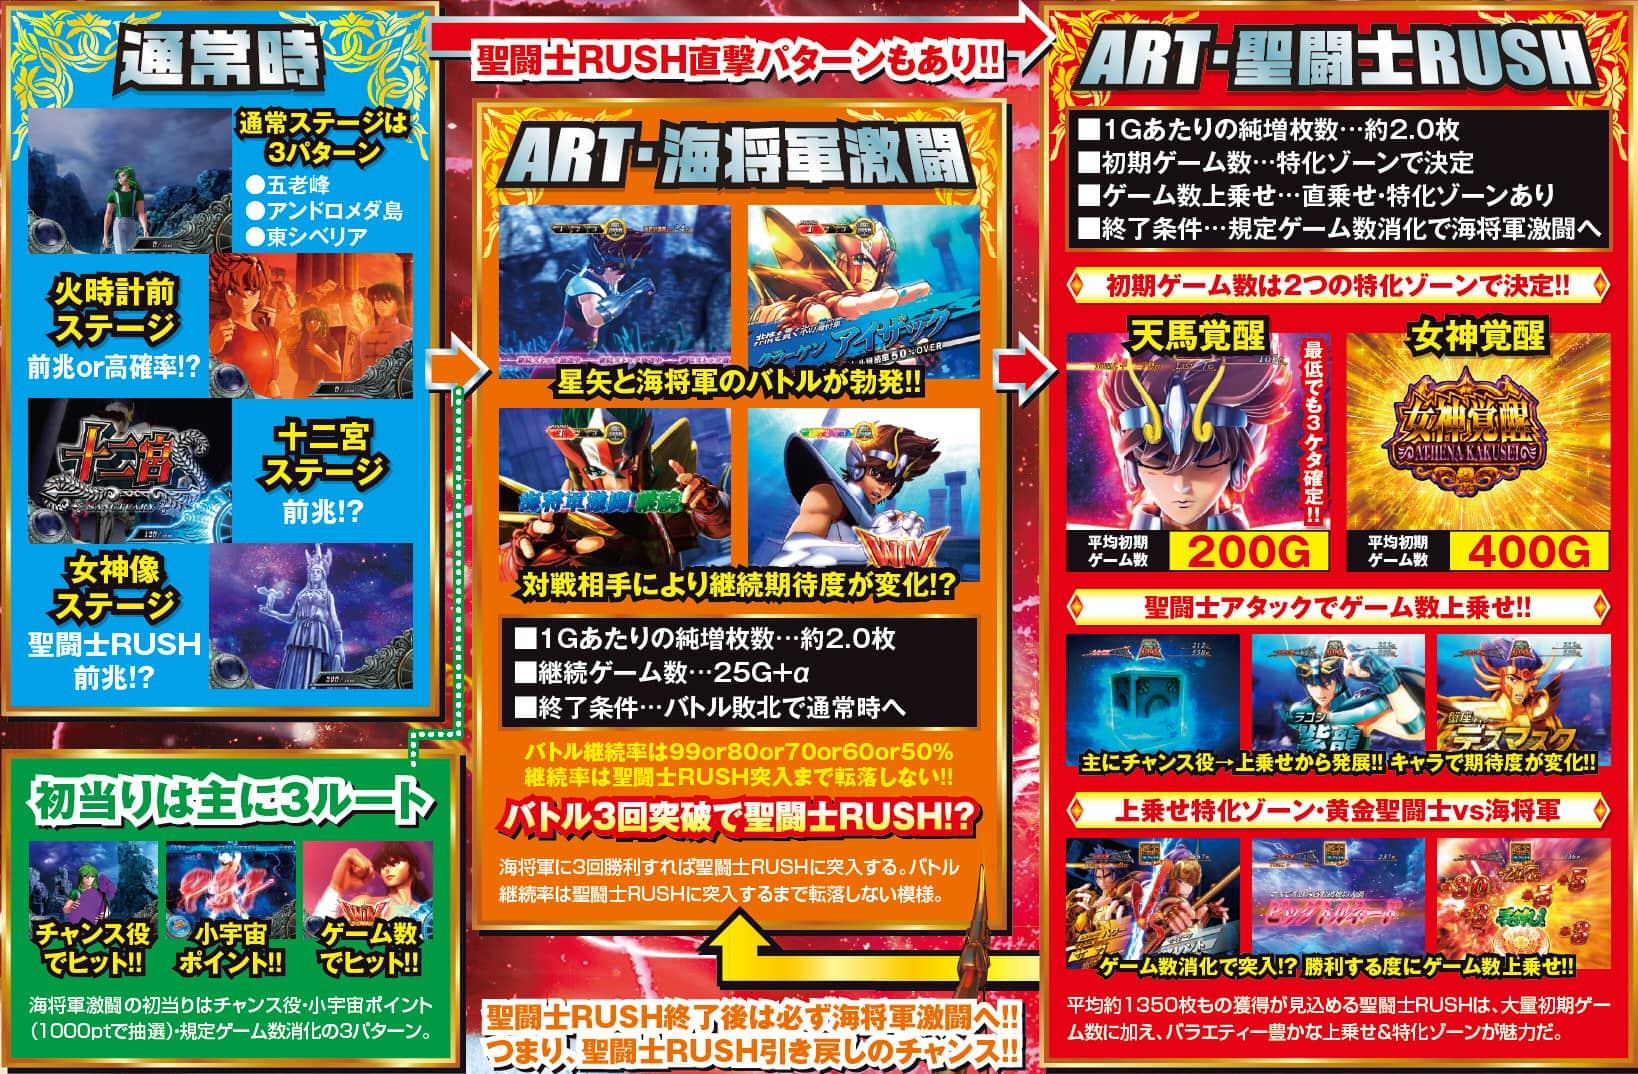 「聖闘士星矢 海王覚醒 ゲームフロー」の画像検索結果